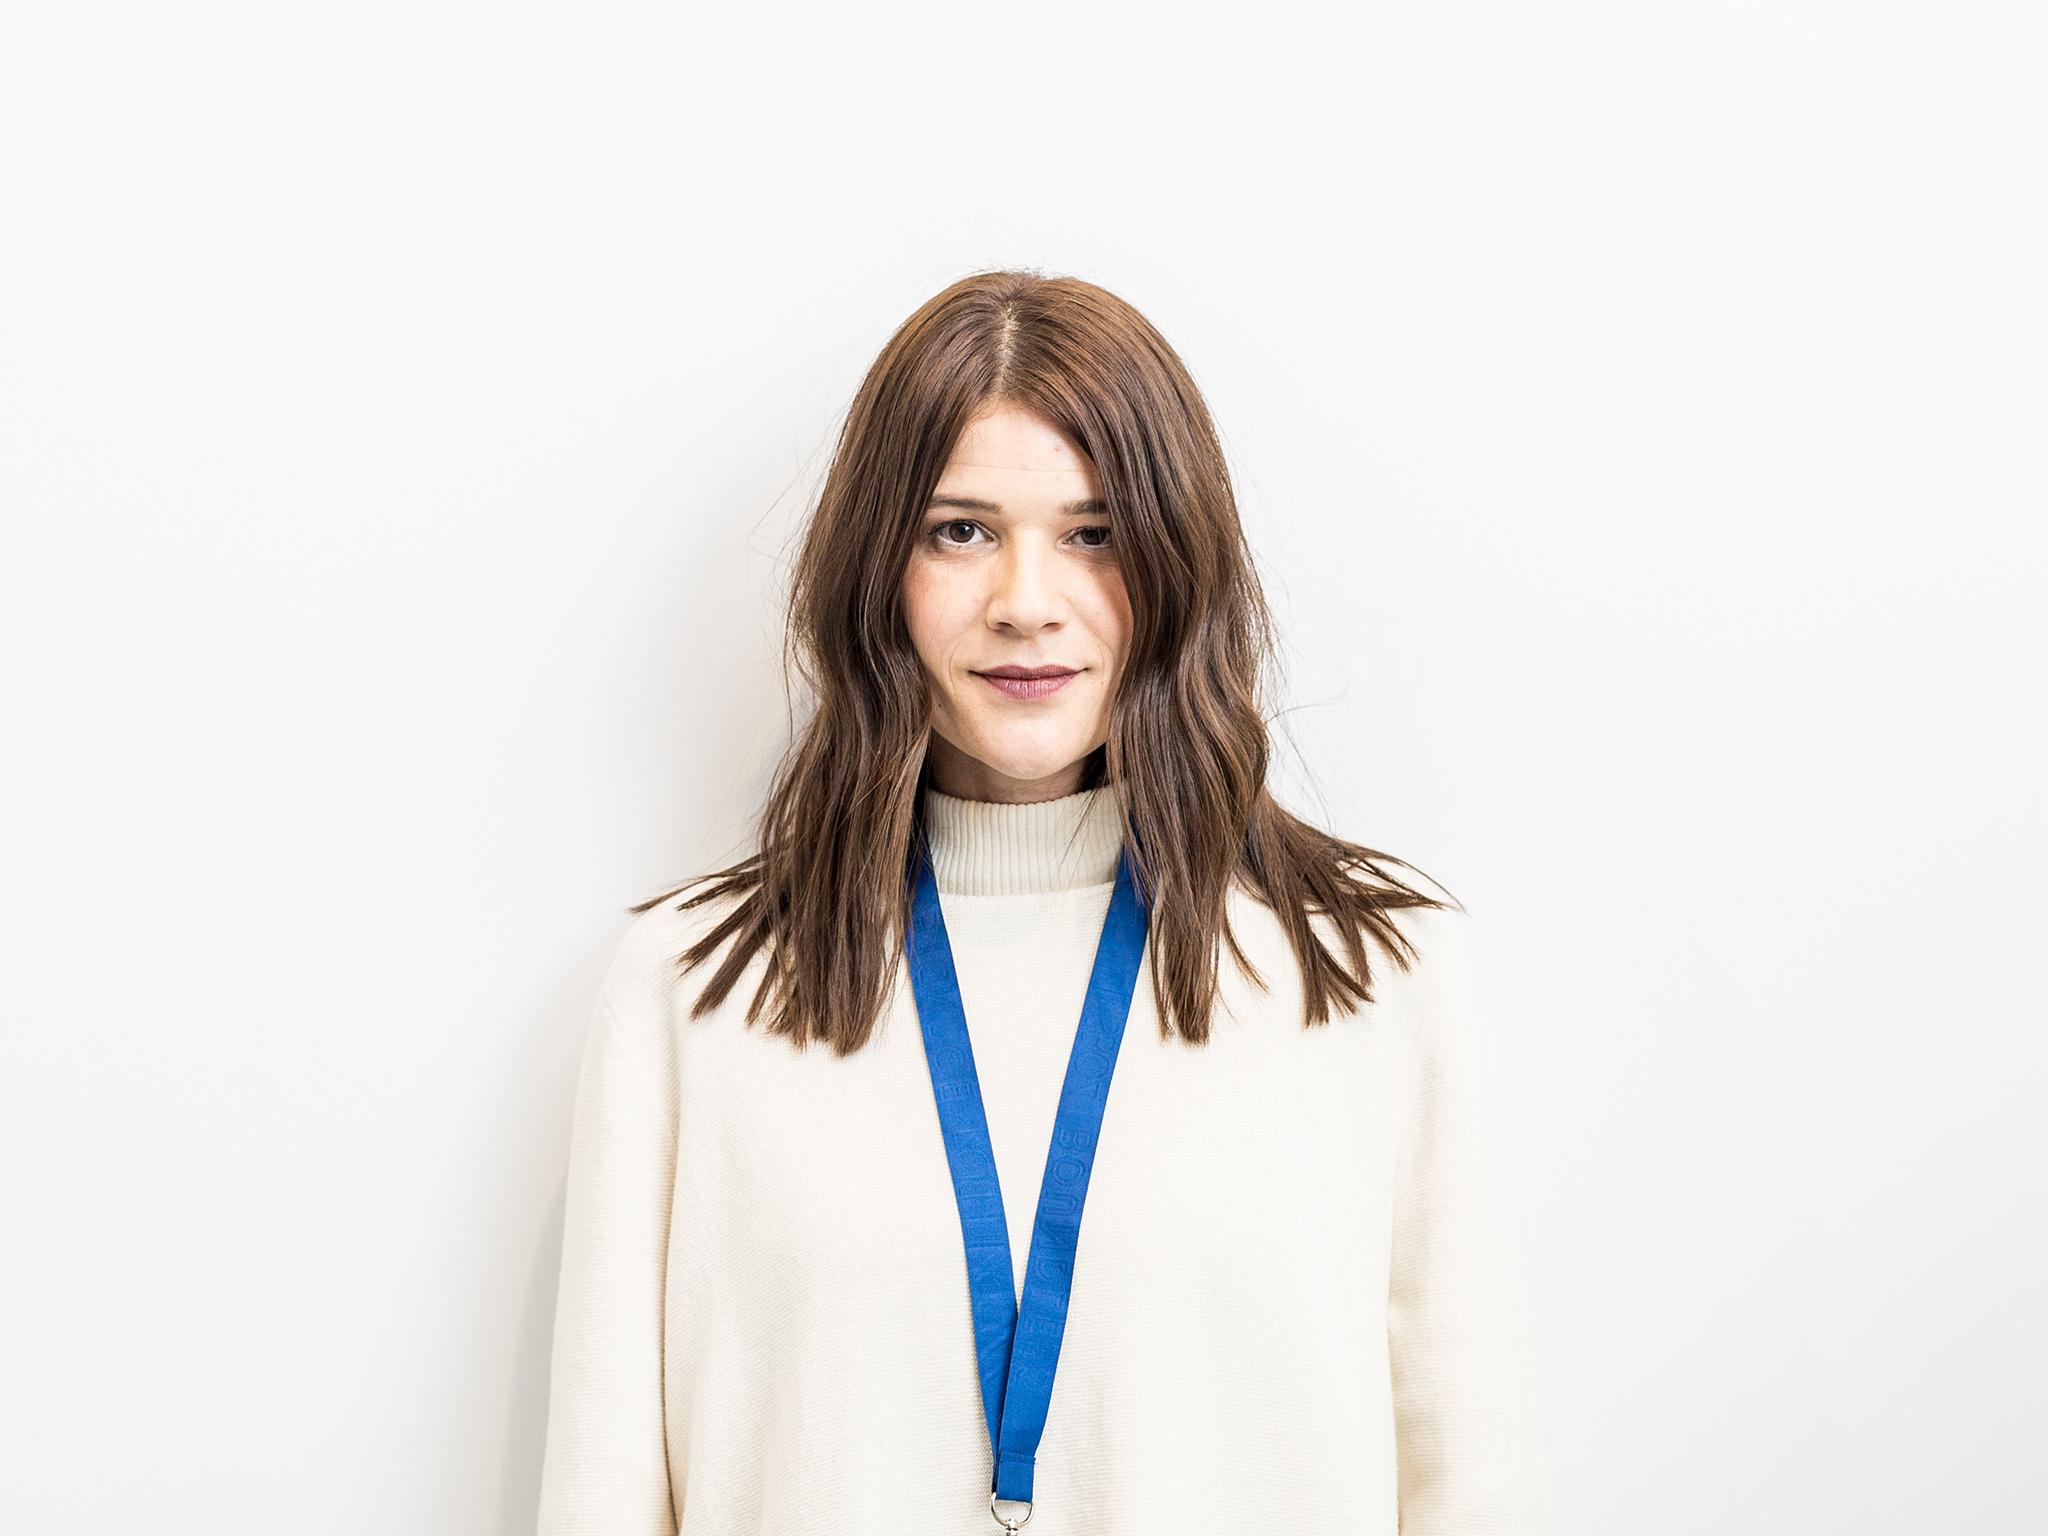 Caras da ModaLisboa #5: a comunicação é de Manuela Oliveira